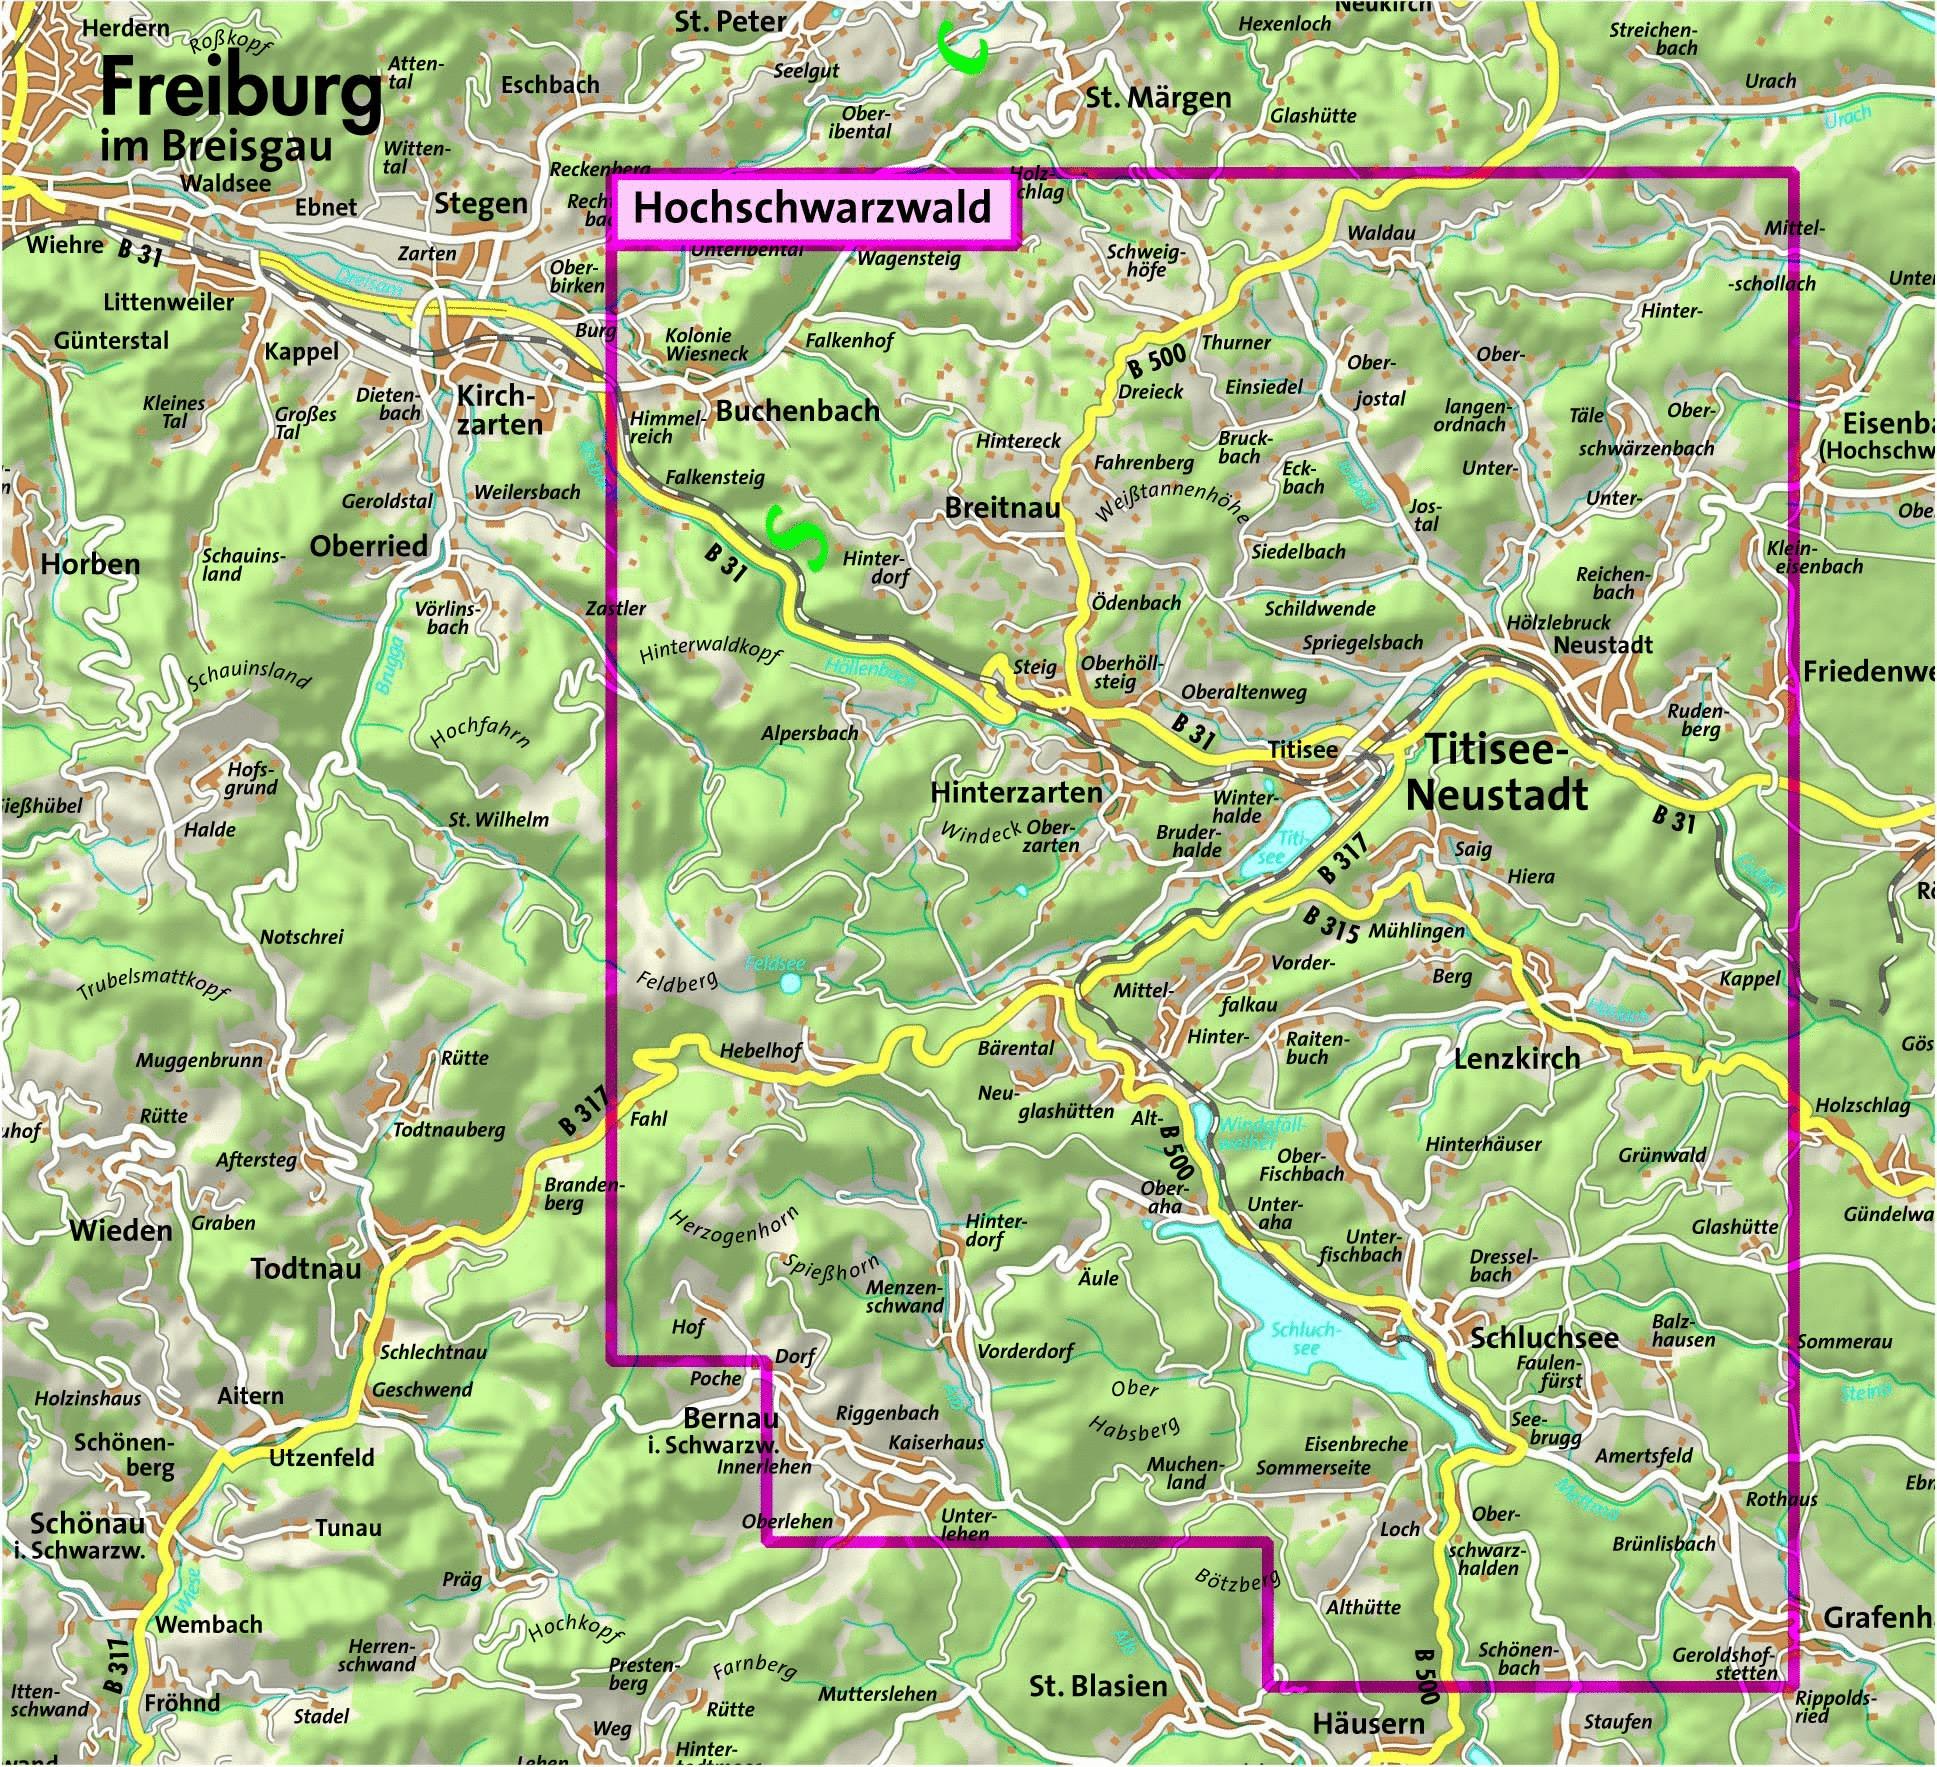 hochschwarzwald karte Landkarte Hochschwarzwald   Kleve Landkarte